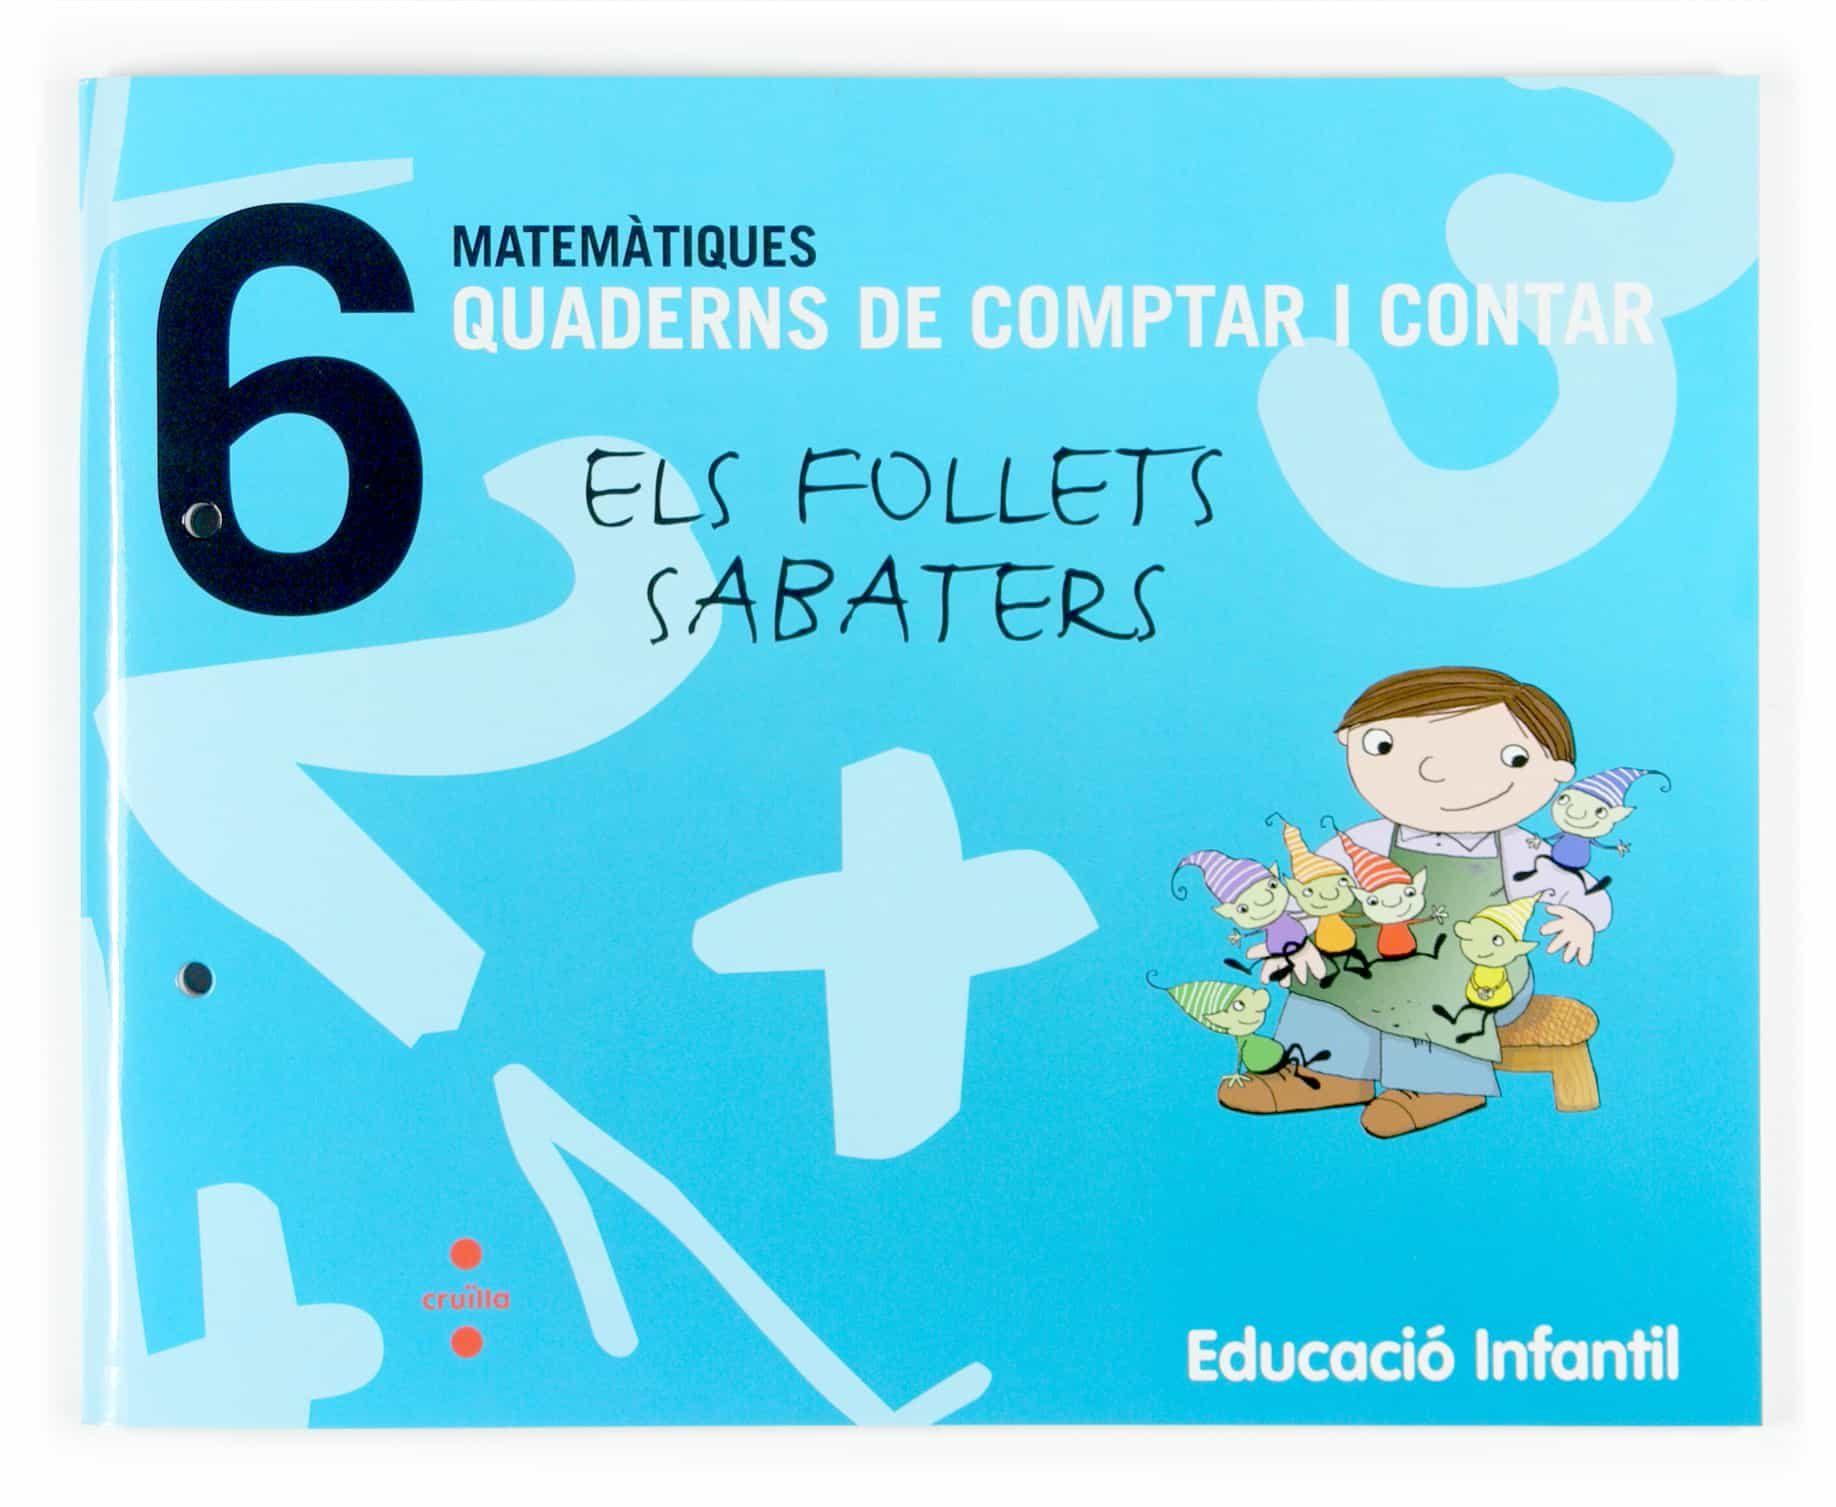 Quadern De Comptar I Contar: Matematiques 6 (p4) por Vv.aa.